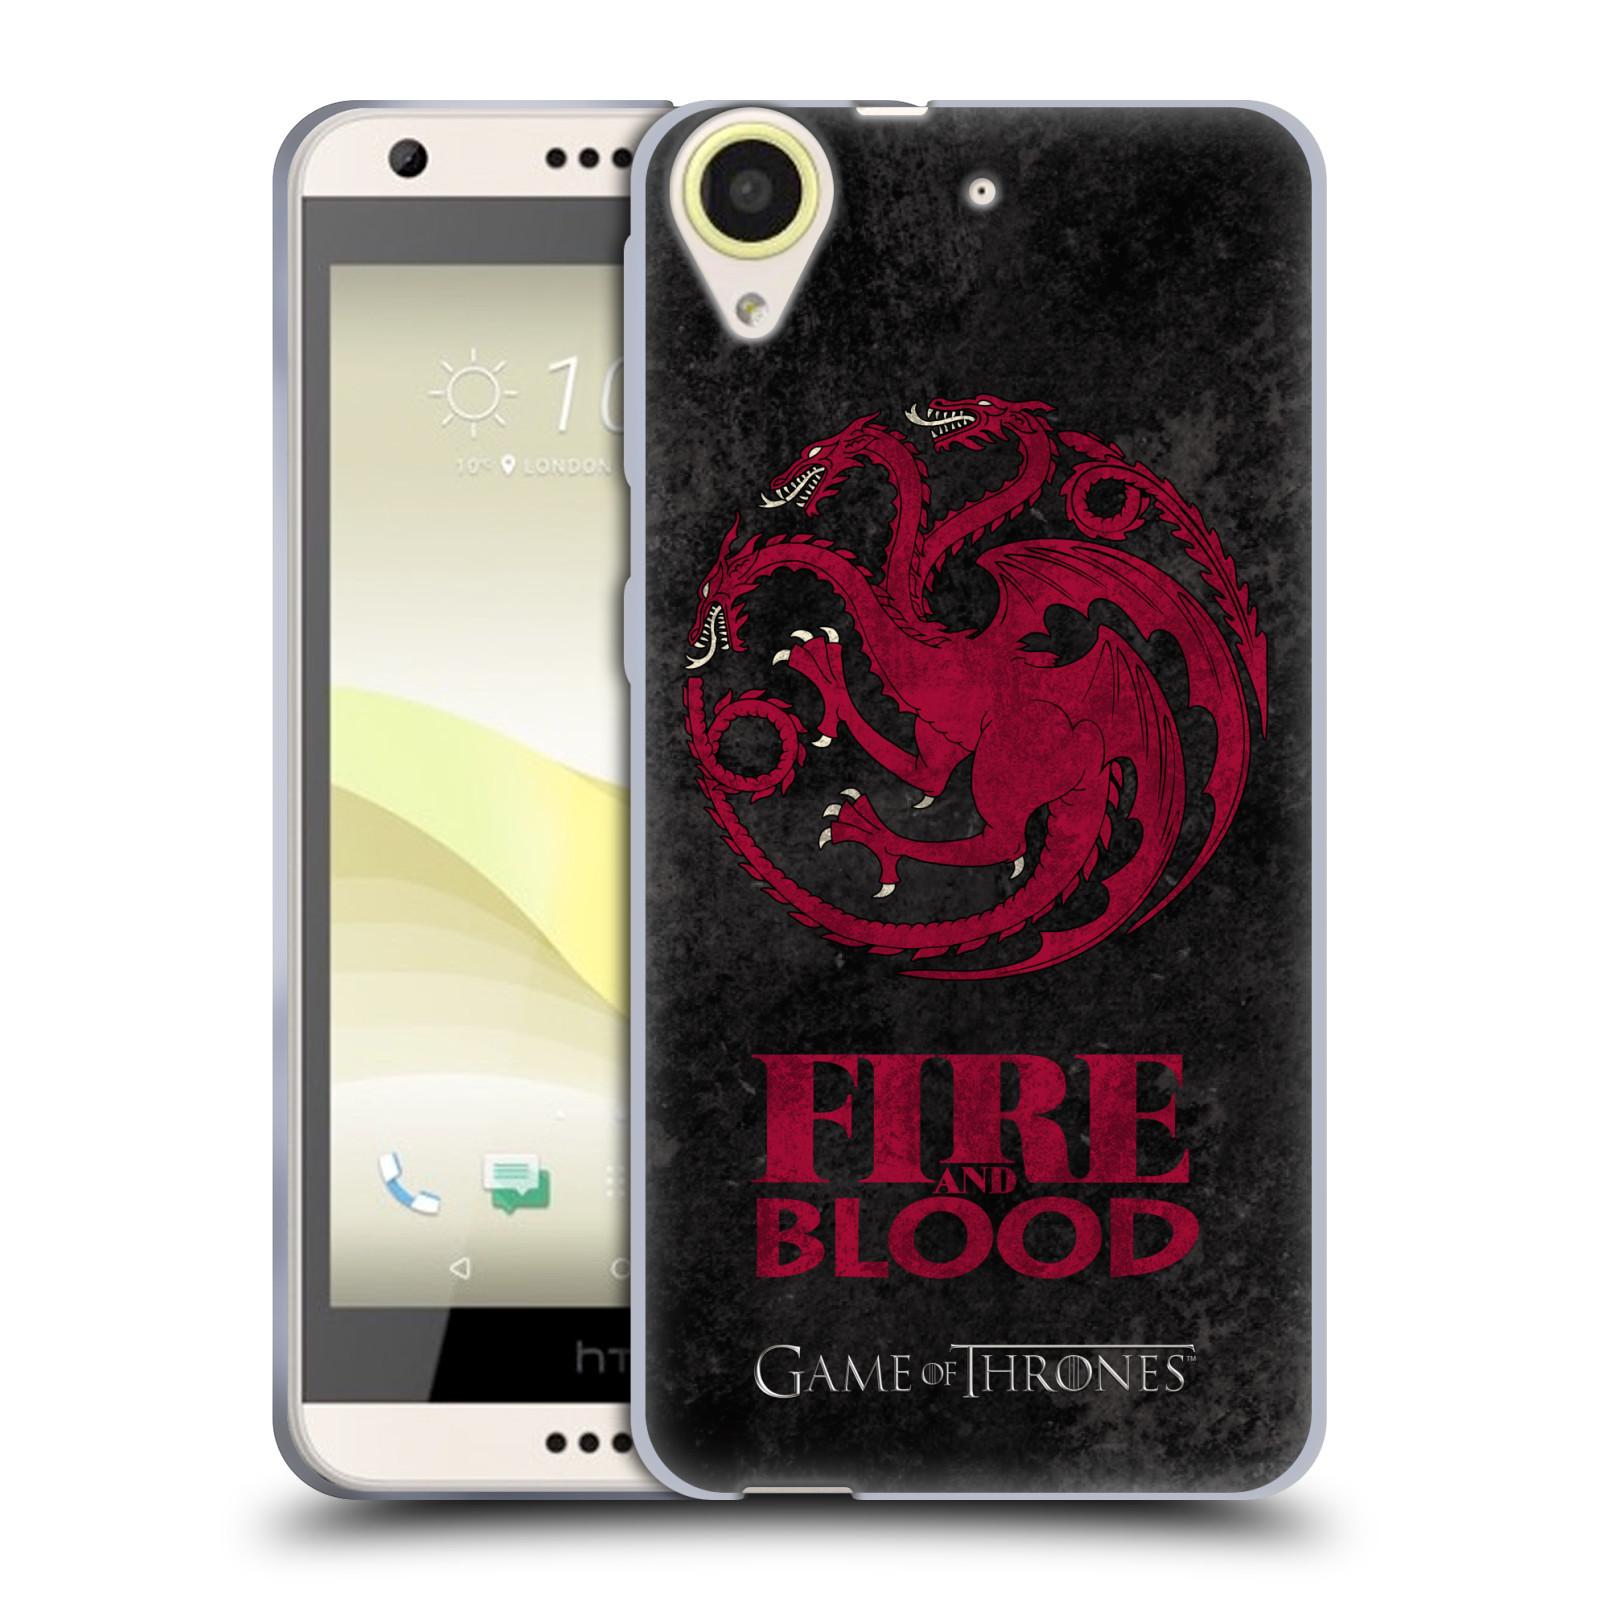 Silikonové pouzdro na mobil HTC Desire 650 HEAD CASE Hra o trůny - Sigils Targaryen - Fire and Blood (Silikonový kryt či obal na mobilní telefon s licencovaným motivem Hra o trůny - Game Of Thrones pro HTC Desire 650)